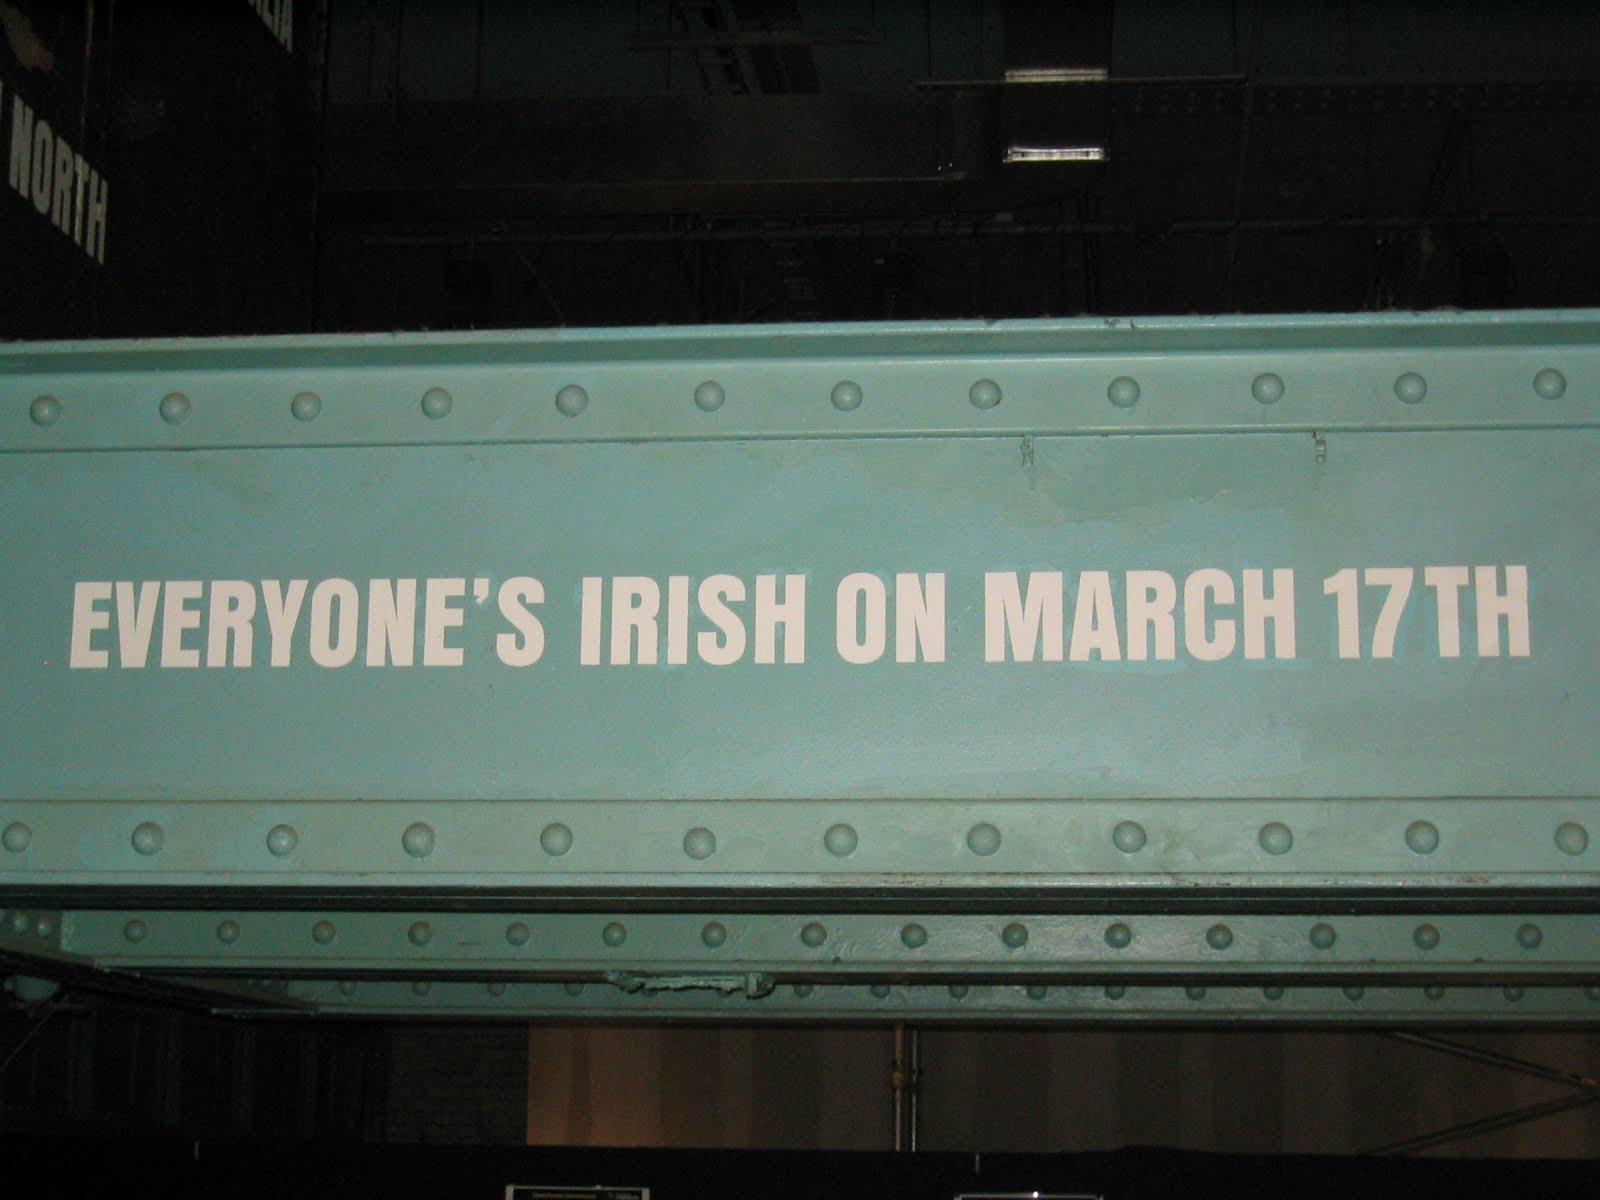 http://4.bp.blogspot.com/-EMItqicIyuM/TXfVyv-gm7I/AAAAAAAAQEk/hHBnXcohXzE/s1600/Guinness_Storehouse_St._Patrick%2527s_Day_sign.jpg